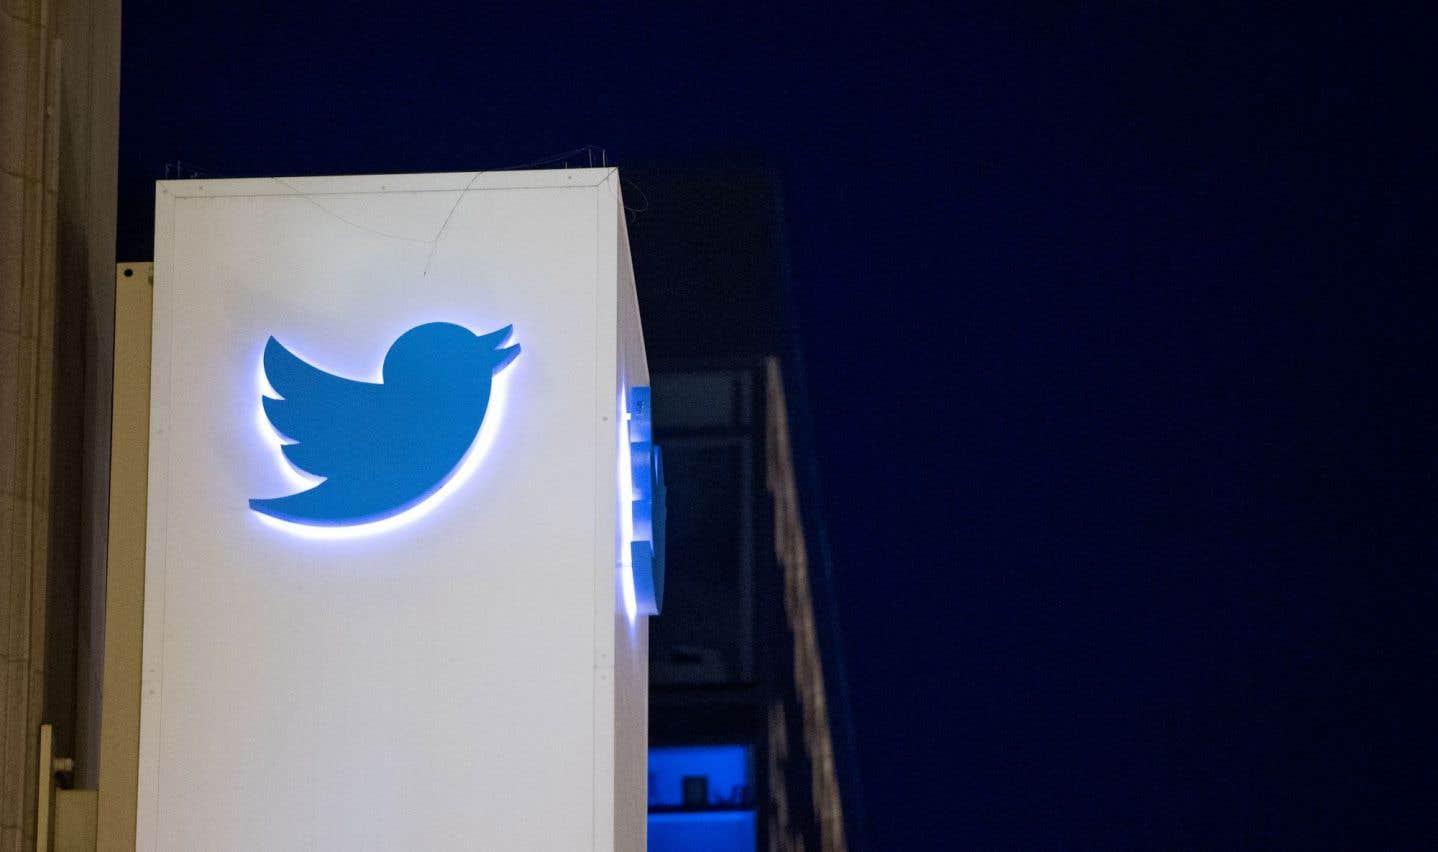 Twitter attaque Washington, qui réclame l'identité d'un utilisateur